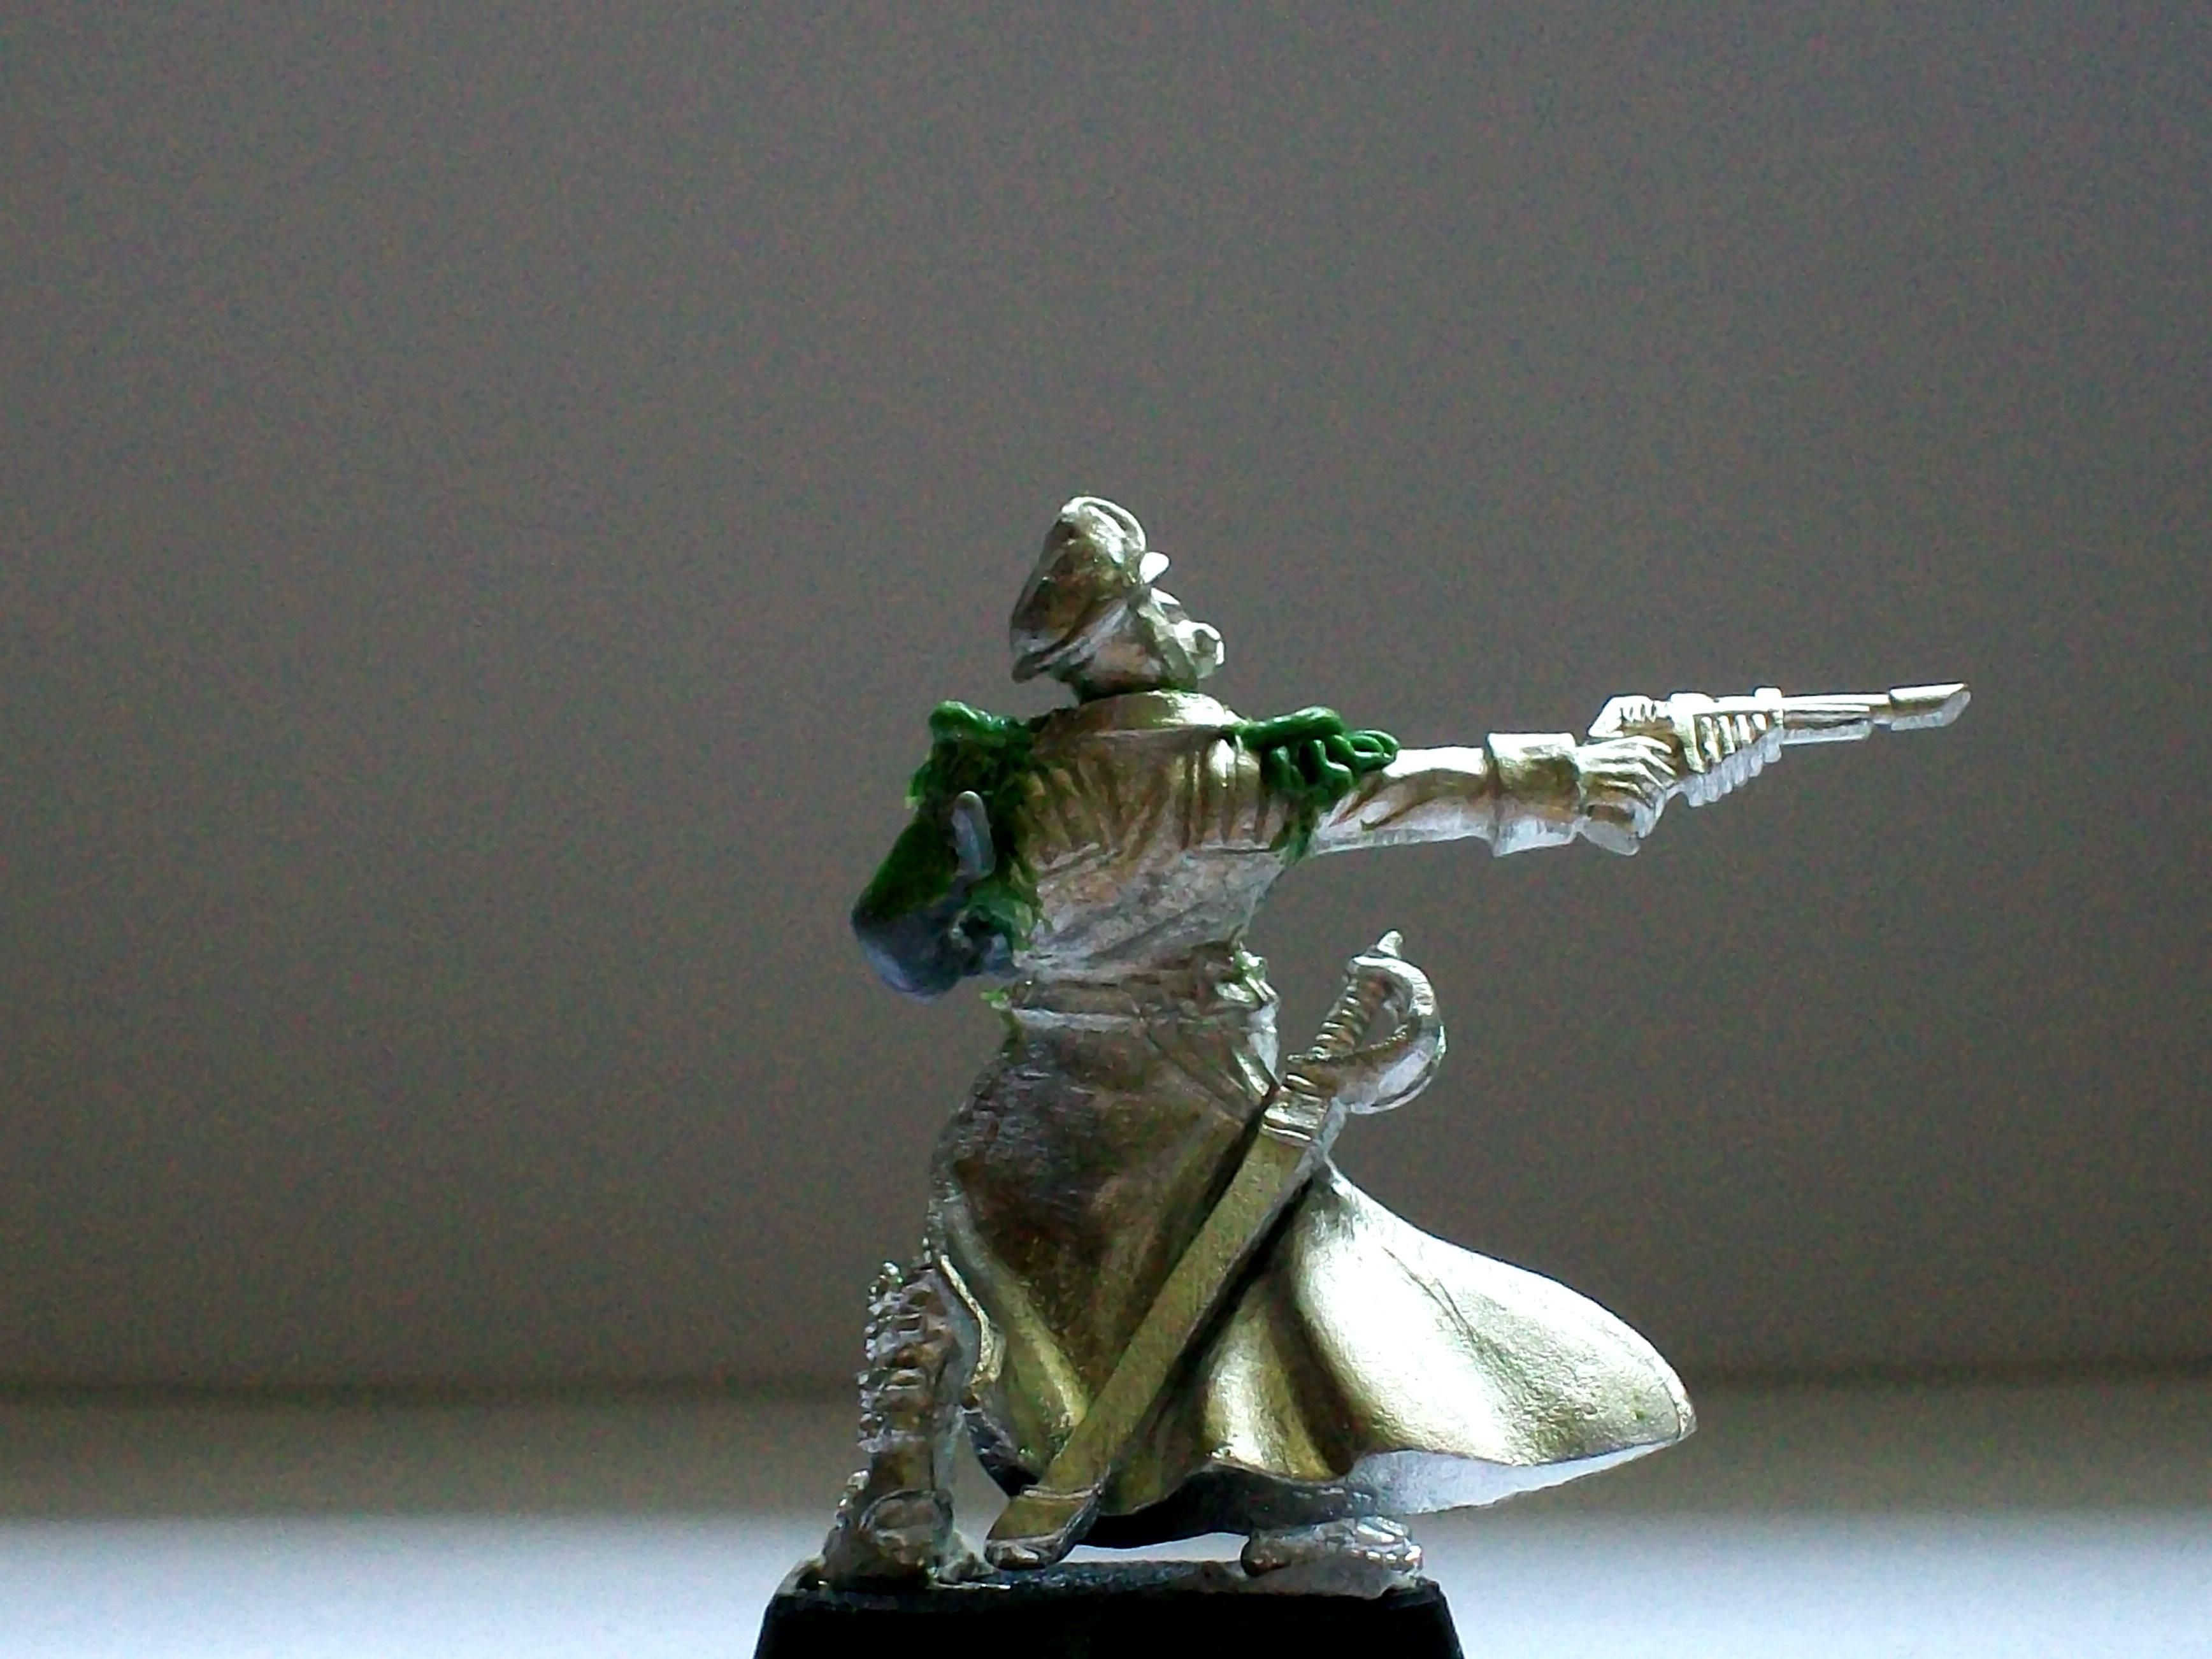 Imperial Guard, Kalash, Kalashnikov, Kalashnikova, Kalashnikovan